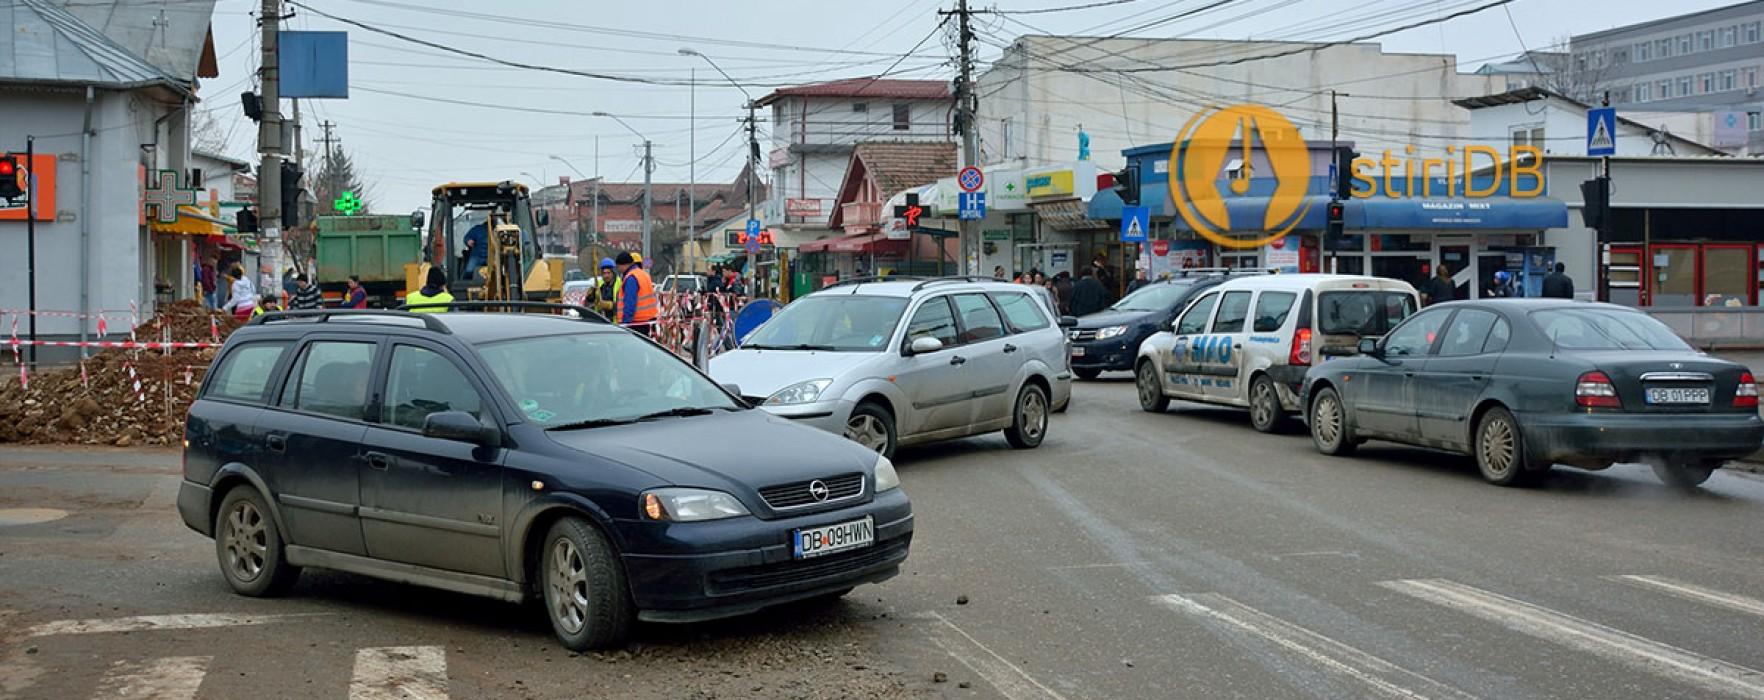 Târgovişte: Circulaţie blocată pe Bdul Tudor Vladimirescu